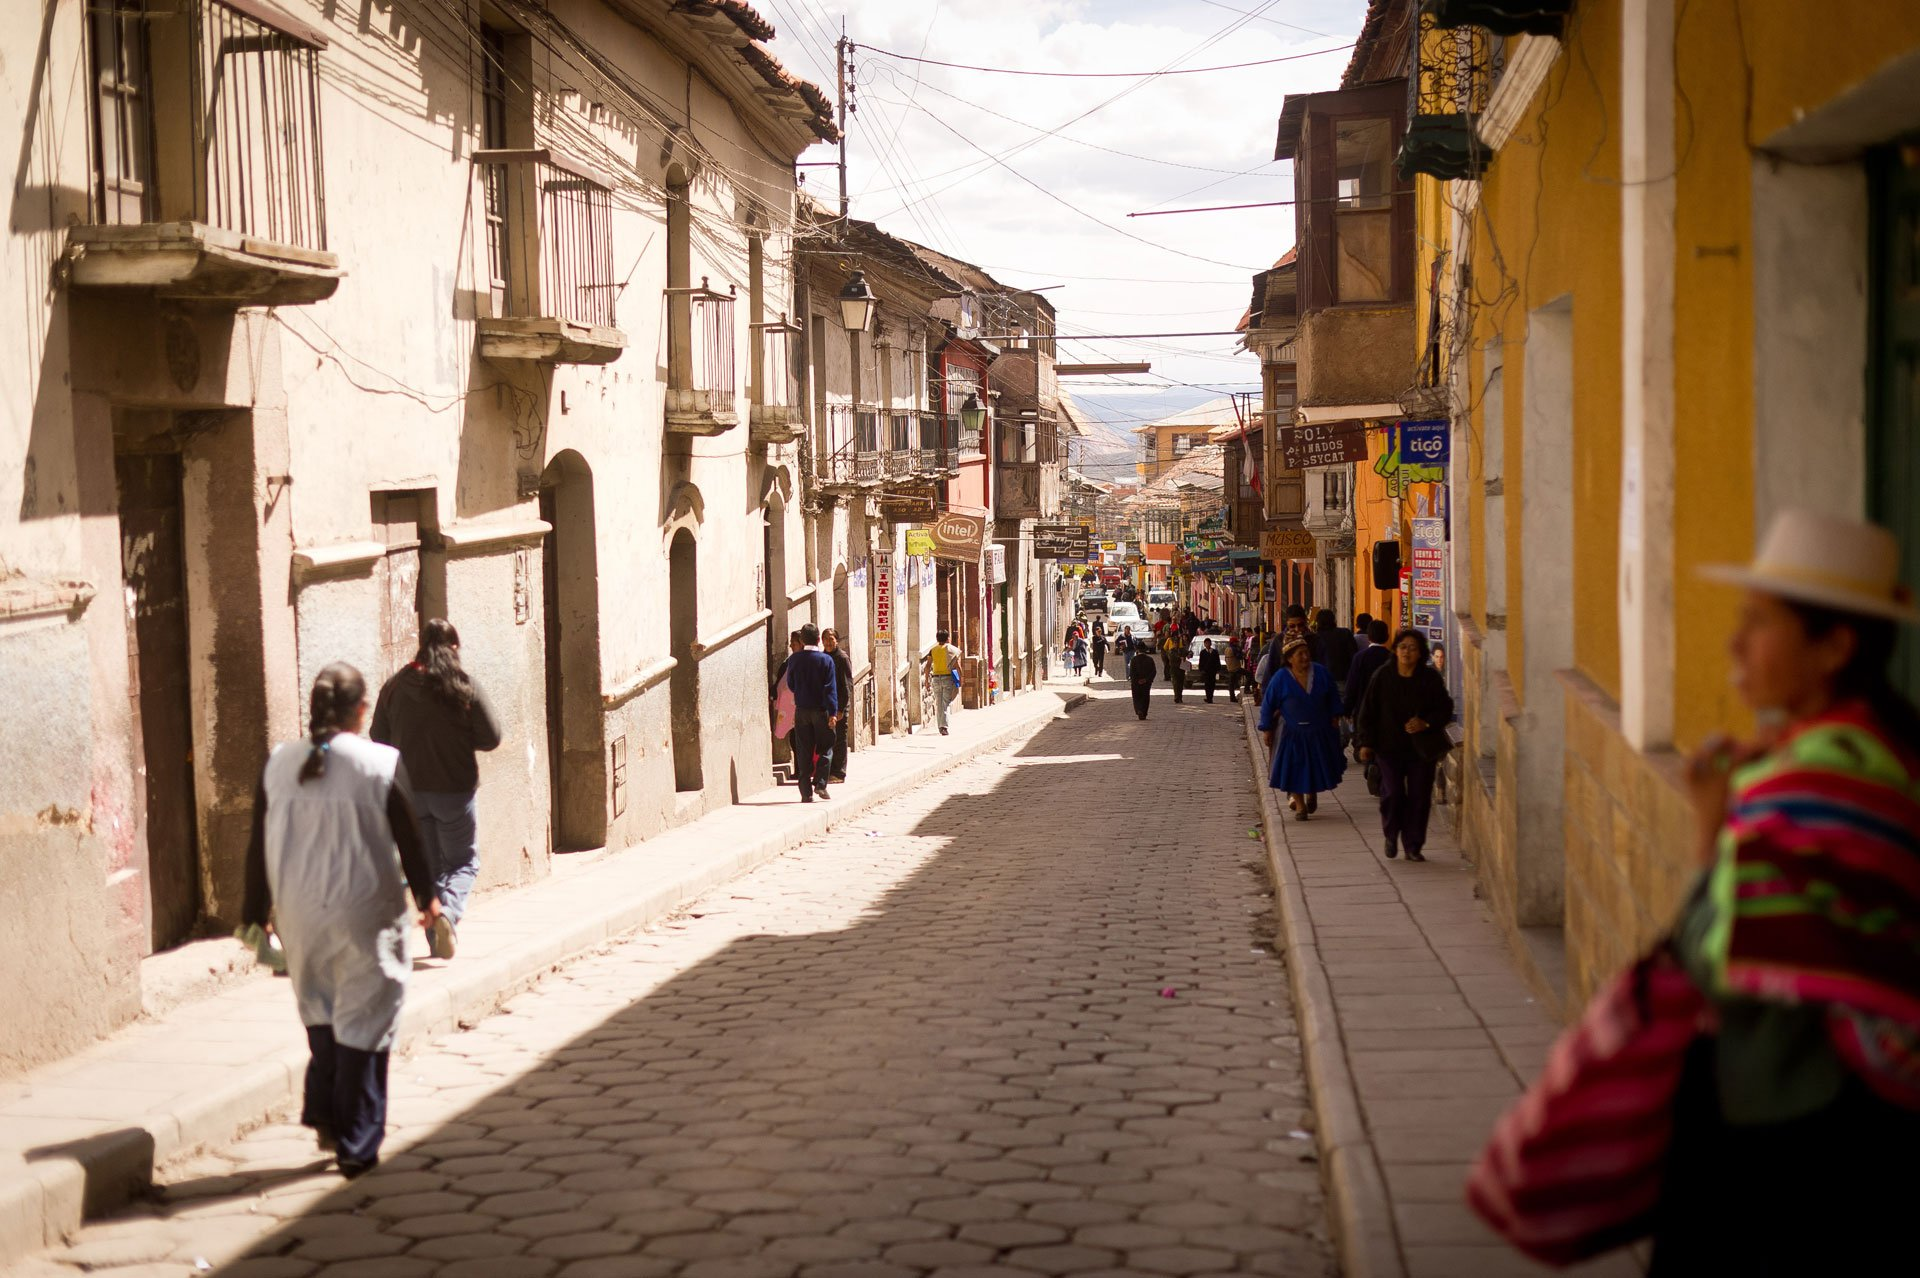 Potosí (Bolivia)Vivió un pasado esplendoroso durante la época colonial. La huella de este período puede verse en la Casa de la Moneda, que muestra la historia de una tierra de la que se extrajeron toneladas de plata para financiar al imperio español. Se considera la ciudad más alta del mundo (3.900 metros), de más de 100.000 habitantes, y está en las faldas del Cerro Rico, donde durante un siglo y medio se situó la mina de plata más grande del mundo (hasta mediados del XVII)